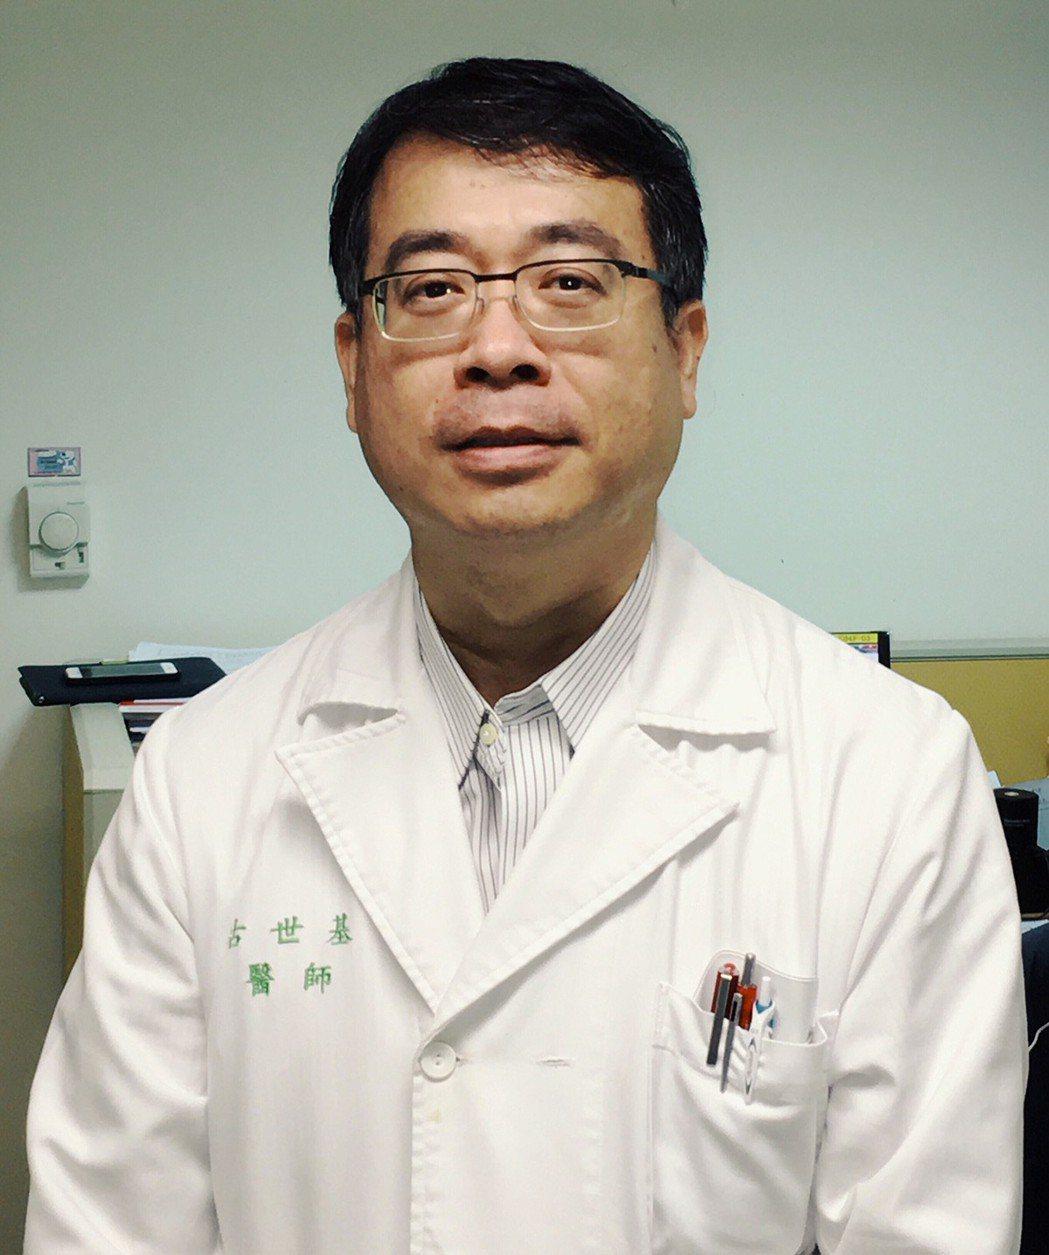 台大醫院胸腔內科主治醫師古世基醫師提醒,「年長者的抵抗力較差,需要更積極的主動免...